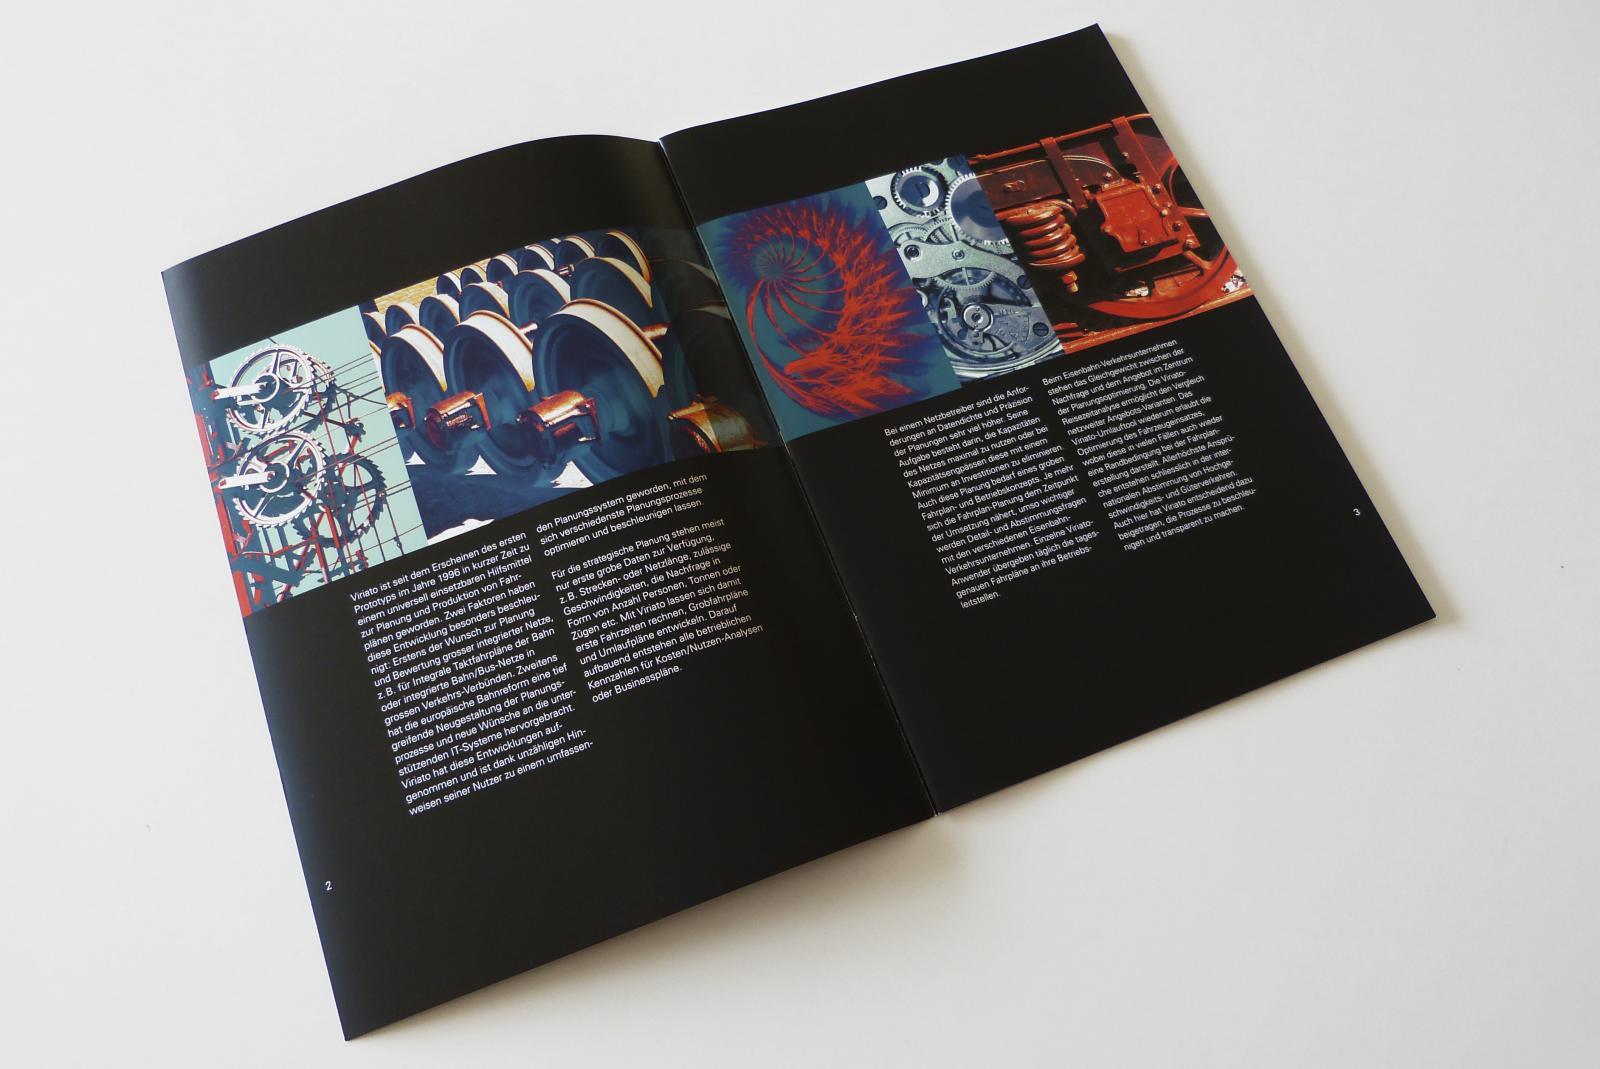 Einführungsseiten auf schwarzem Grund, mit farbverfremdeten Bildern